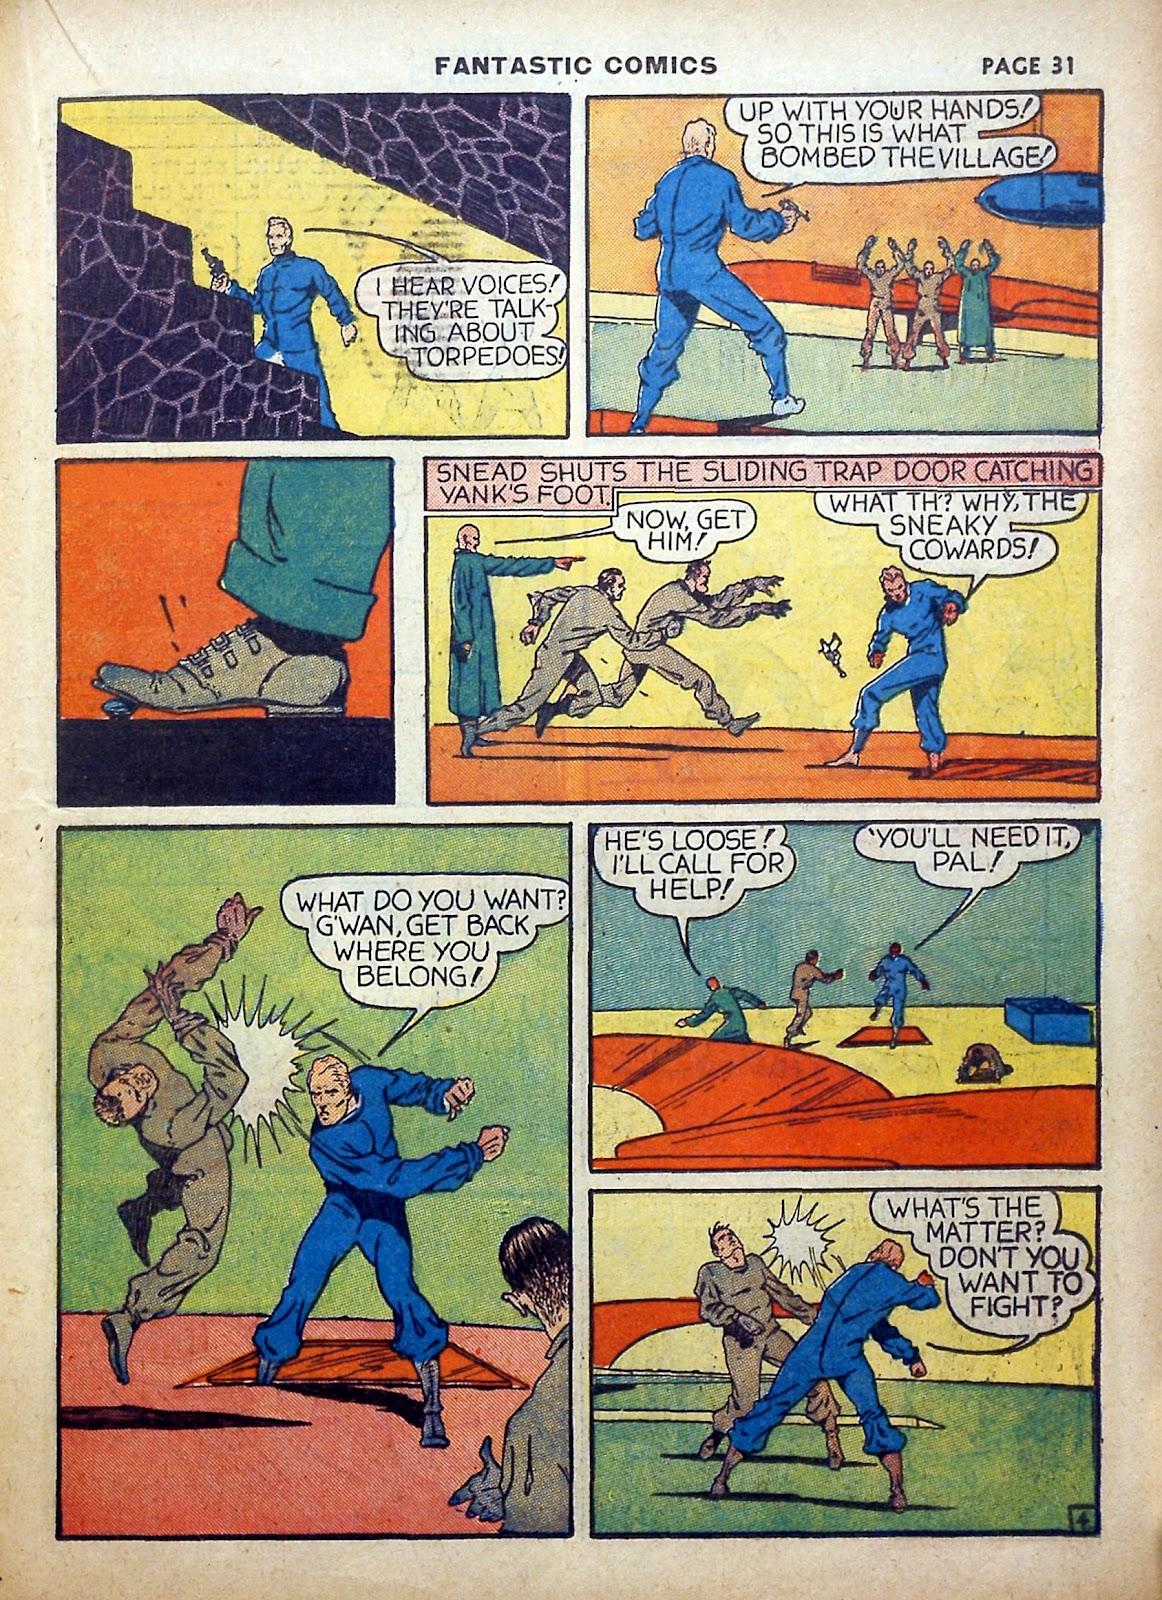 Read online Fantastic Comics comic -  Issue #5 - 32